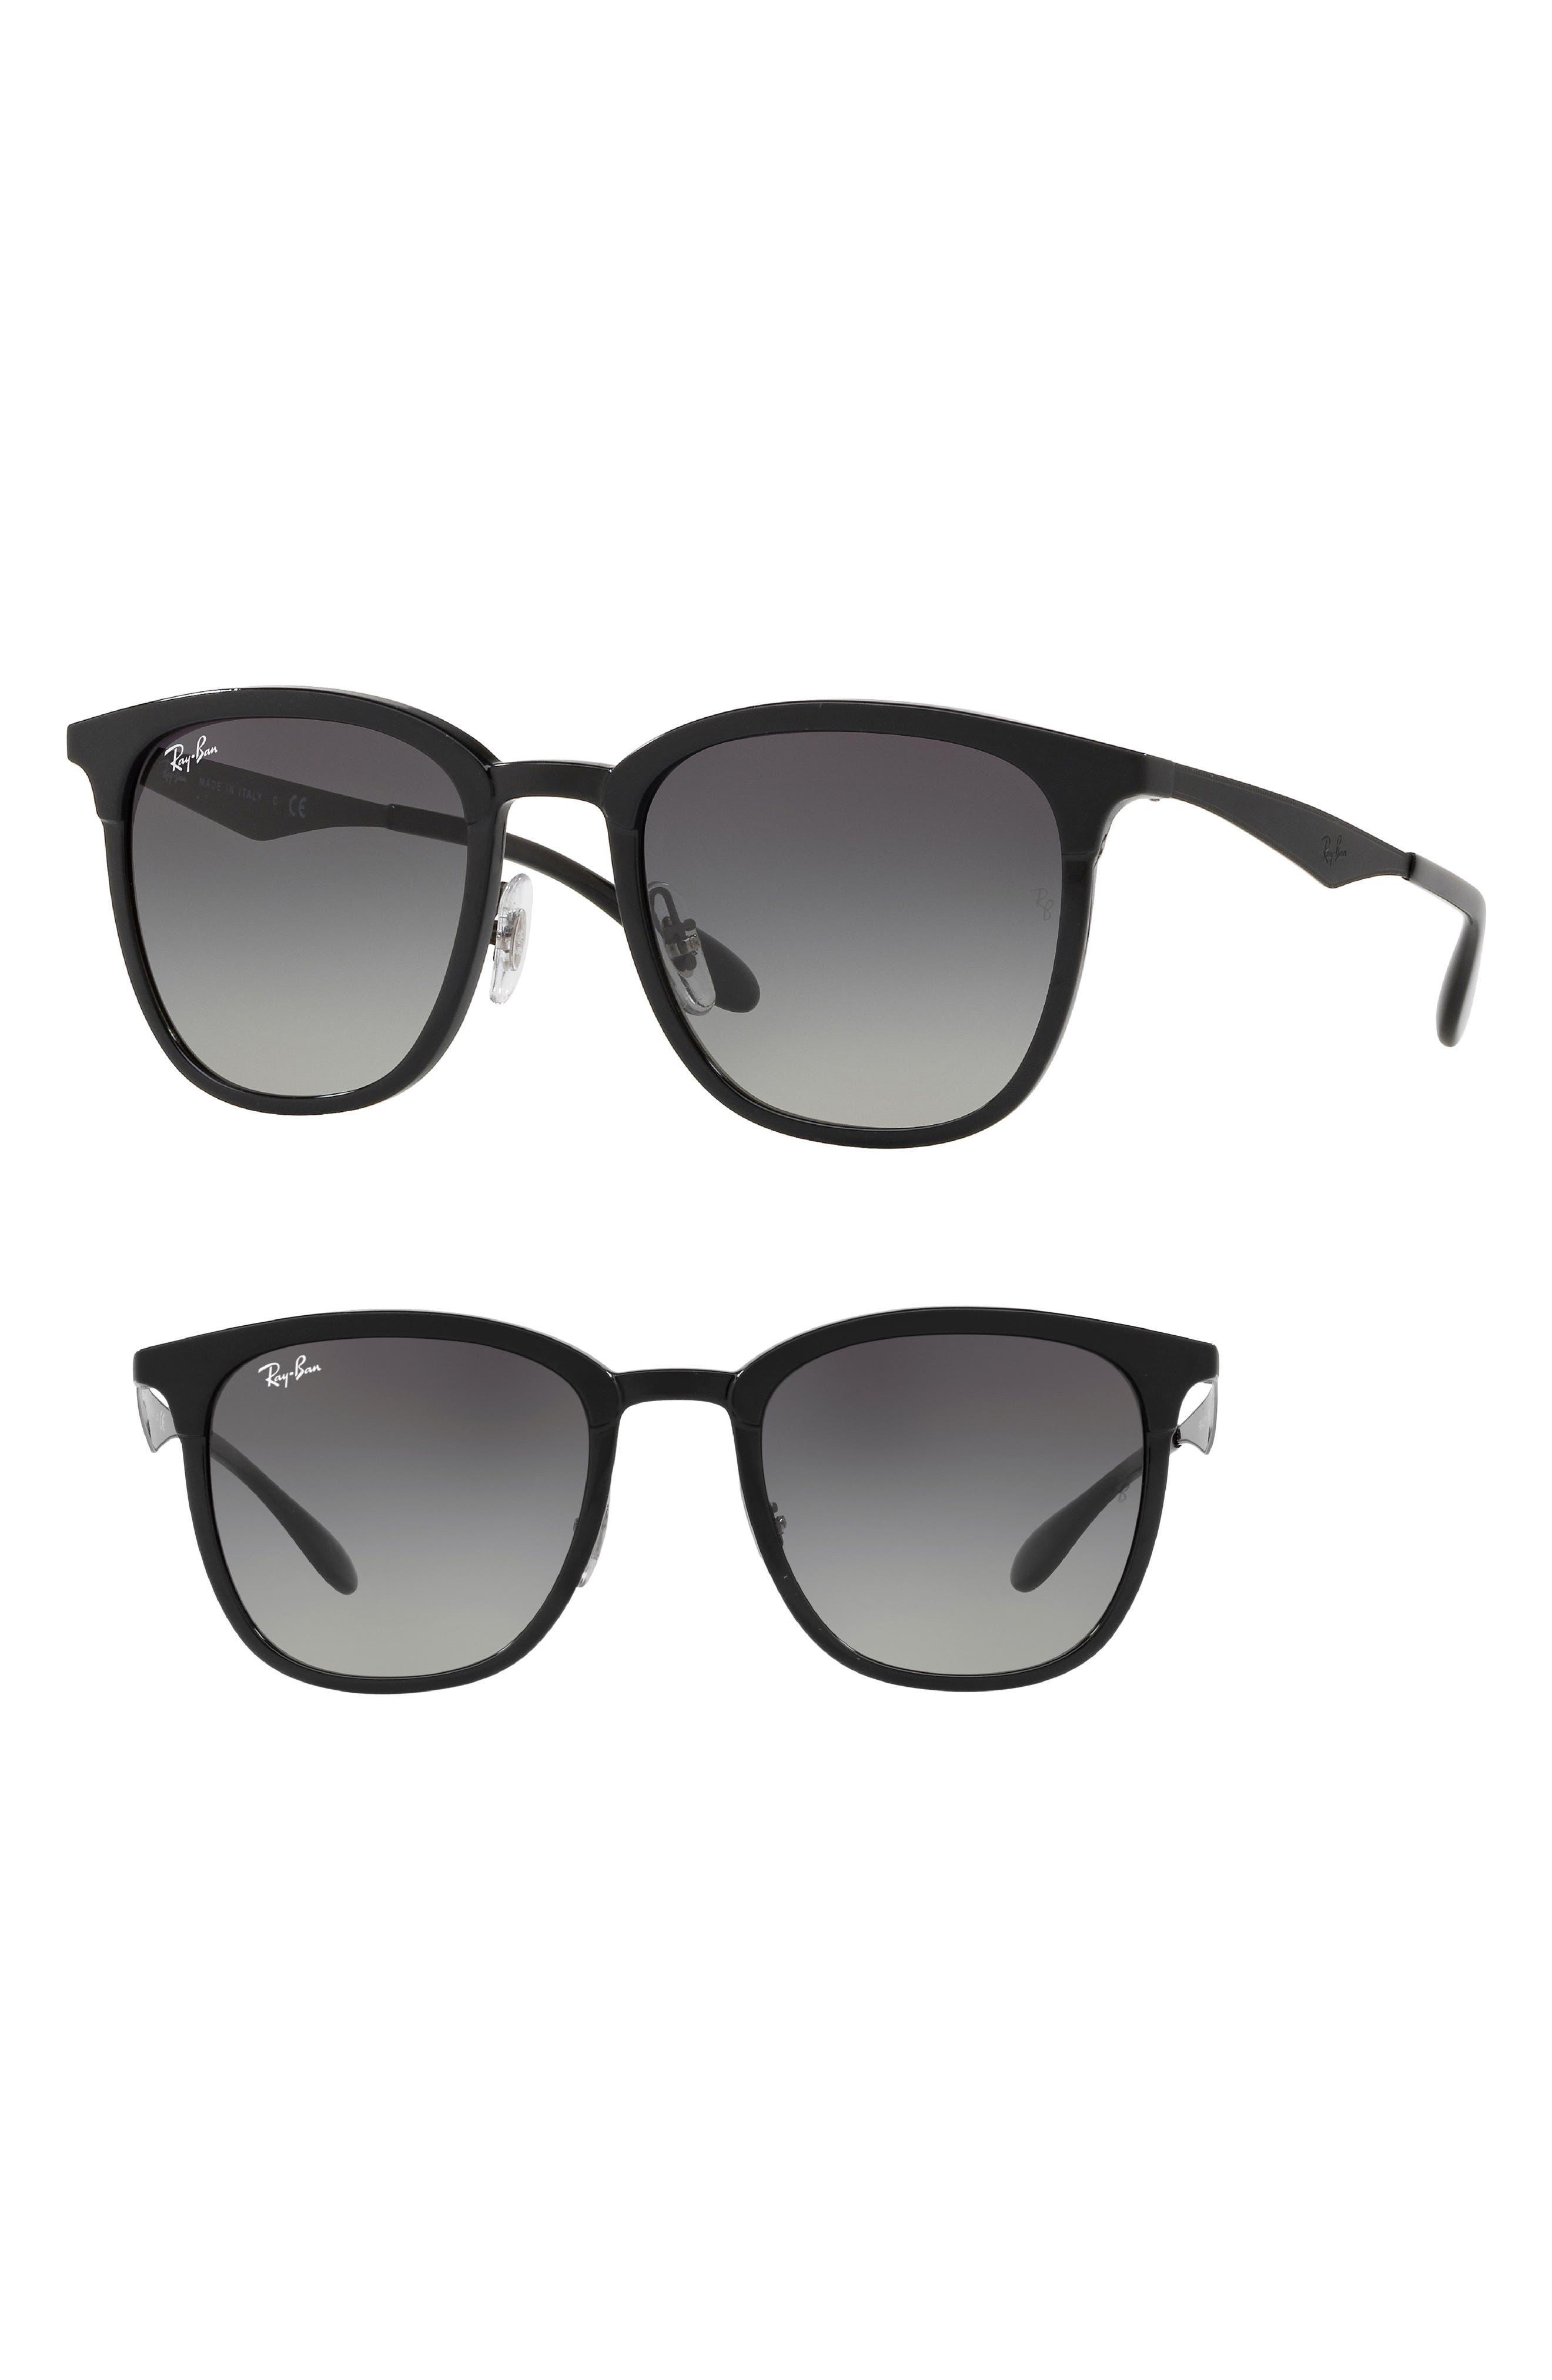 Highstreet 51mm Square Sunglasses,                             Main thumbnail 1, color,                             Black